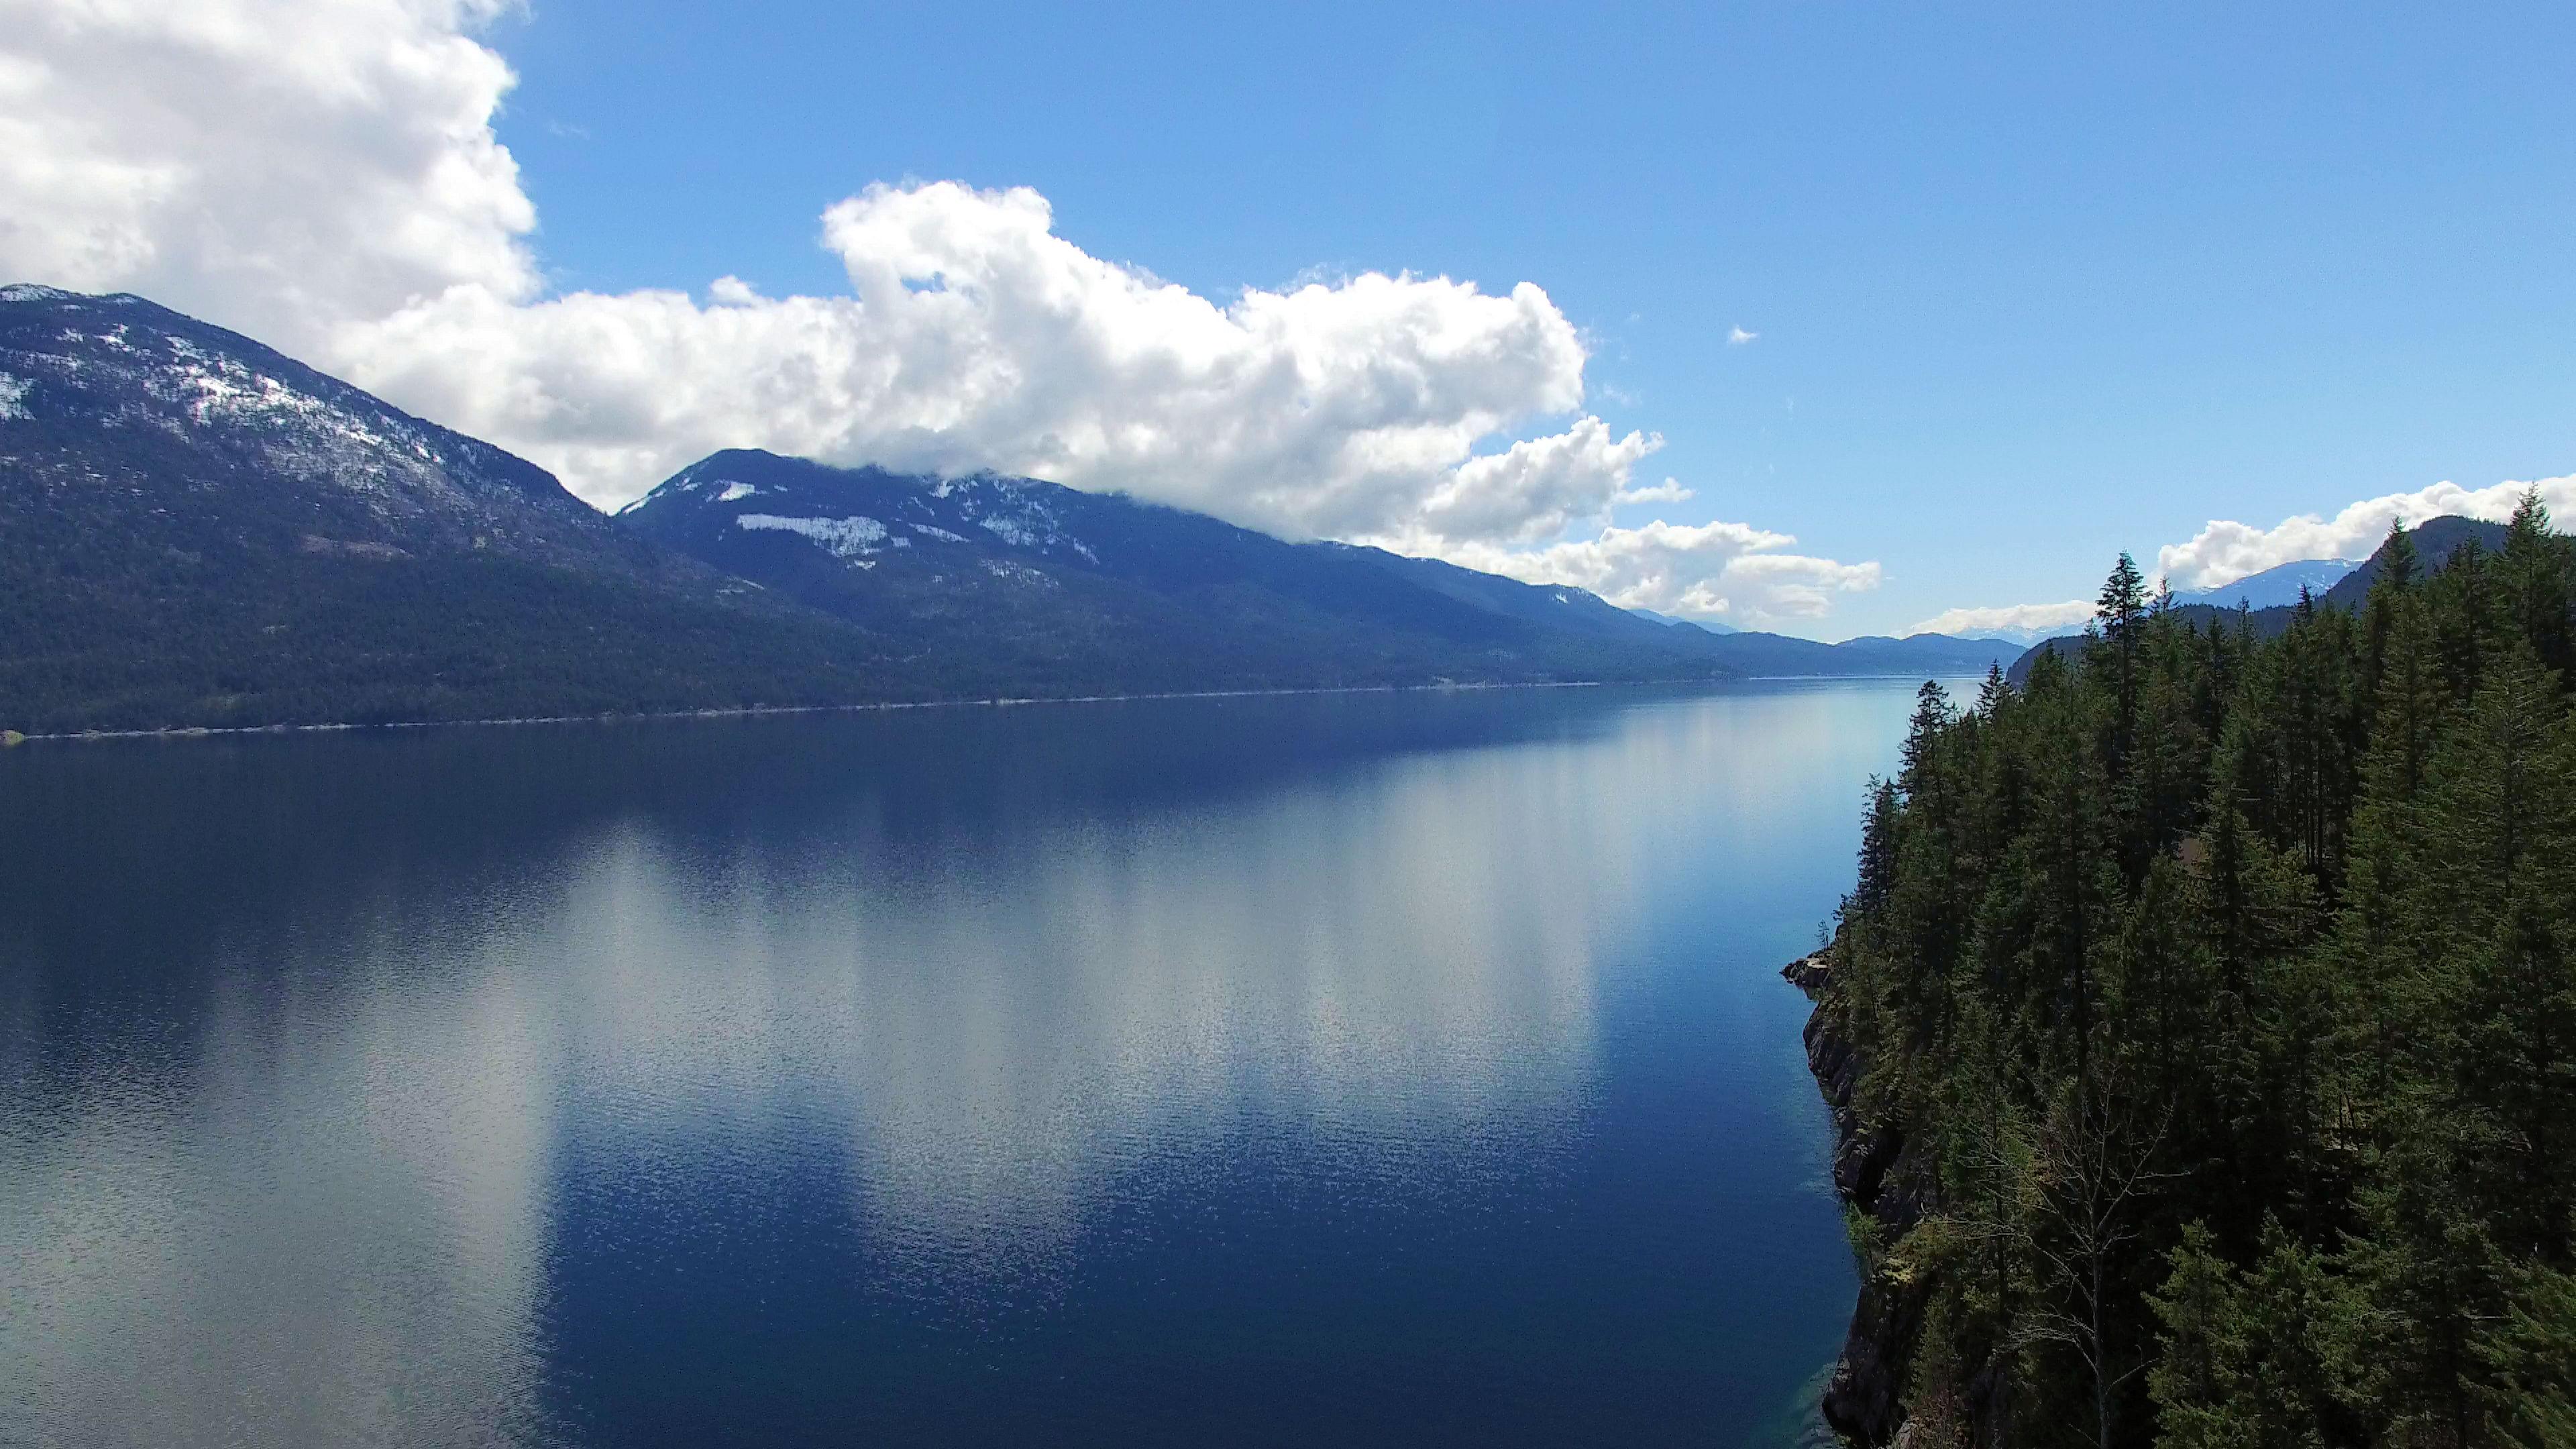 Aerial View of Kootenay Lake